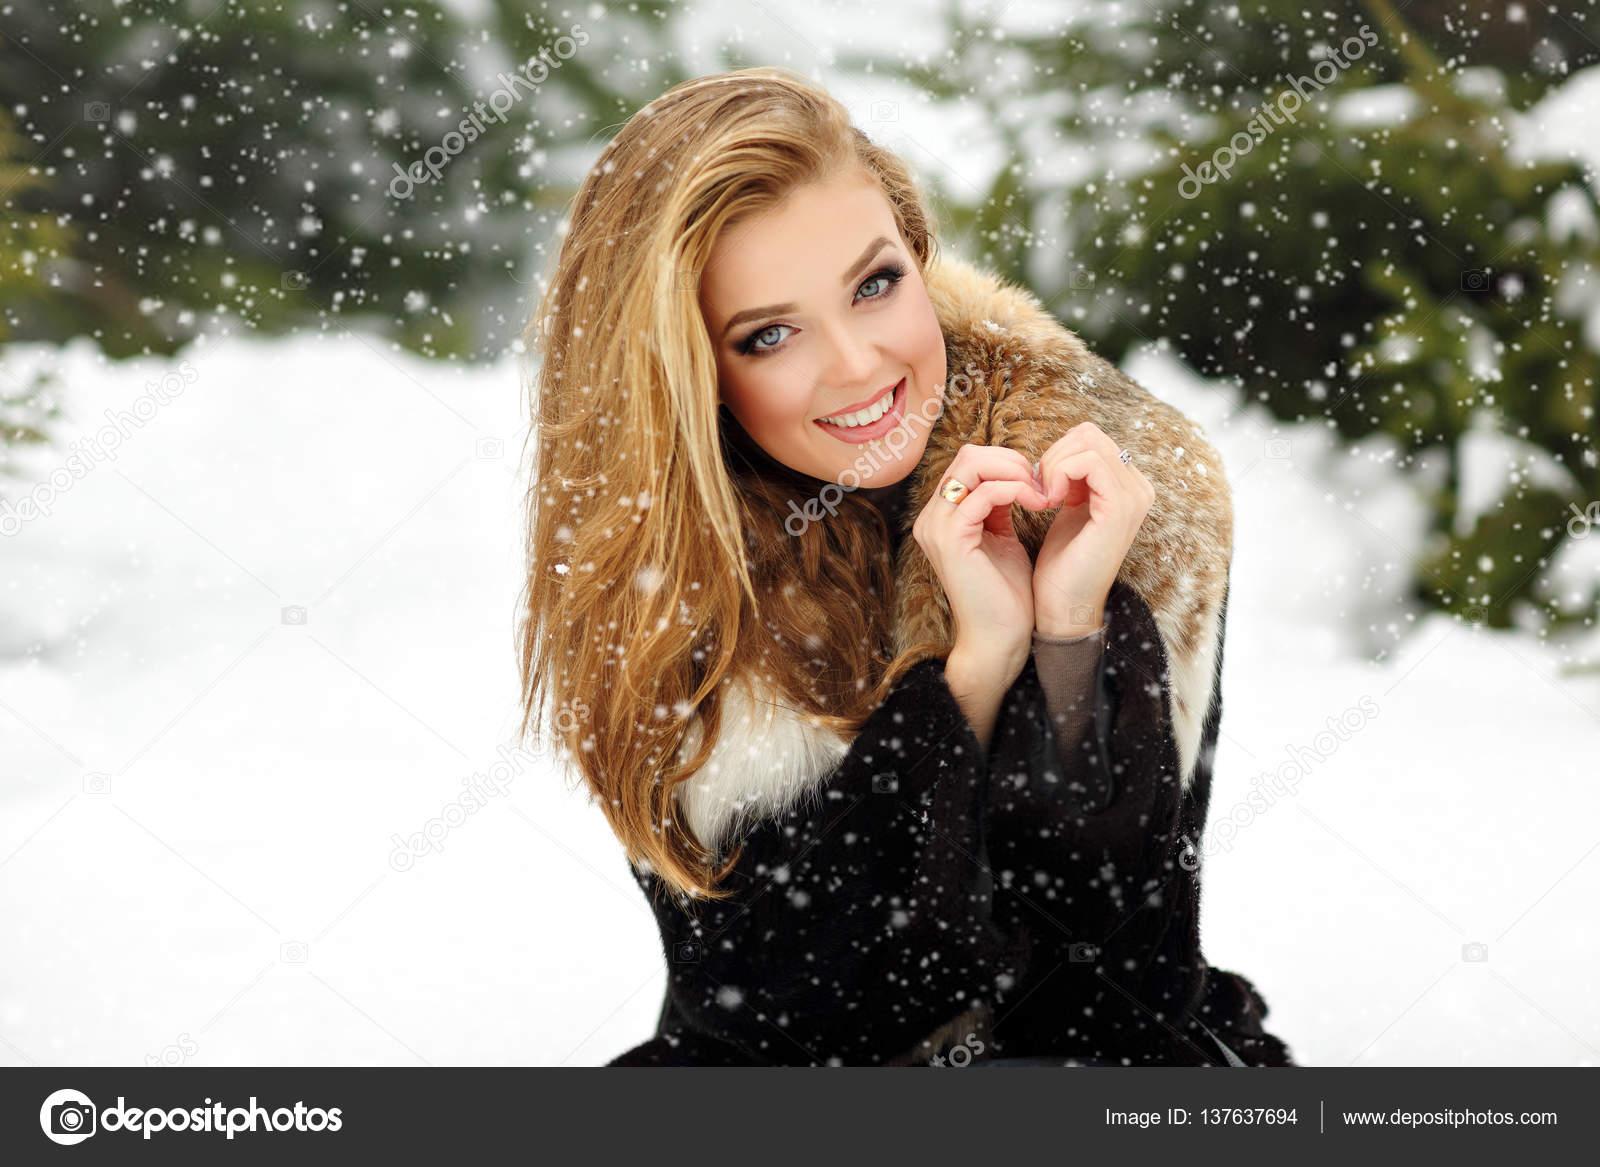 Очень красивая девушка в шубке